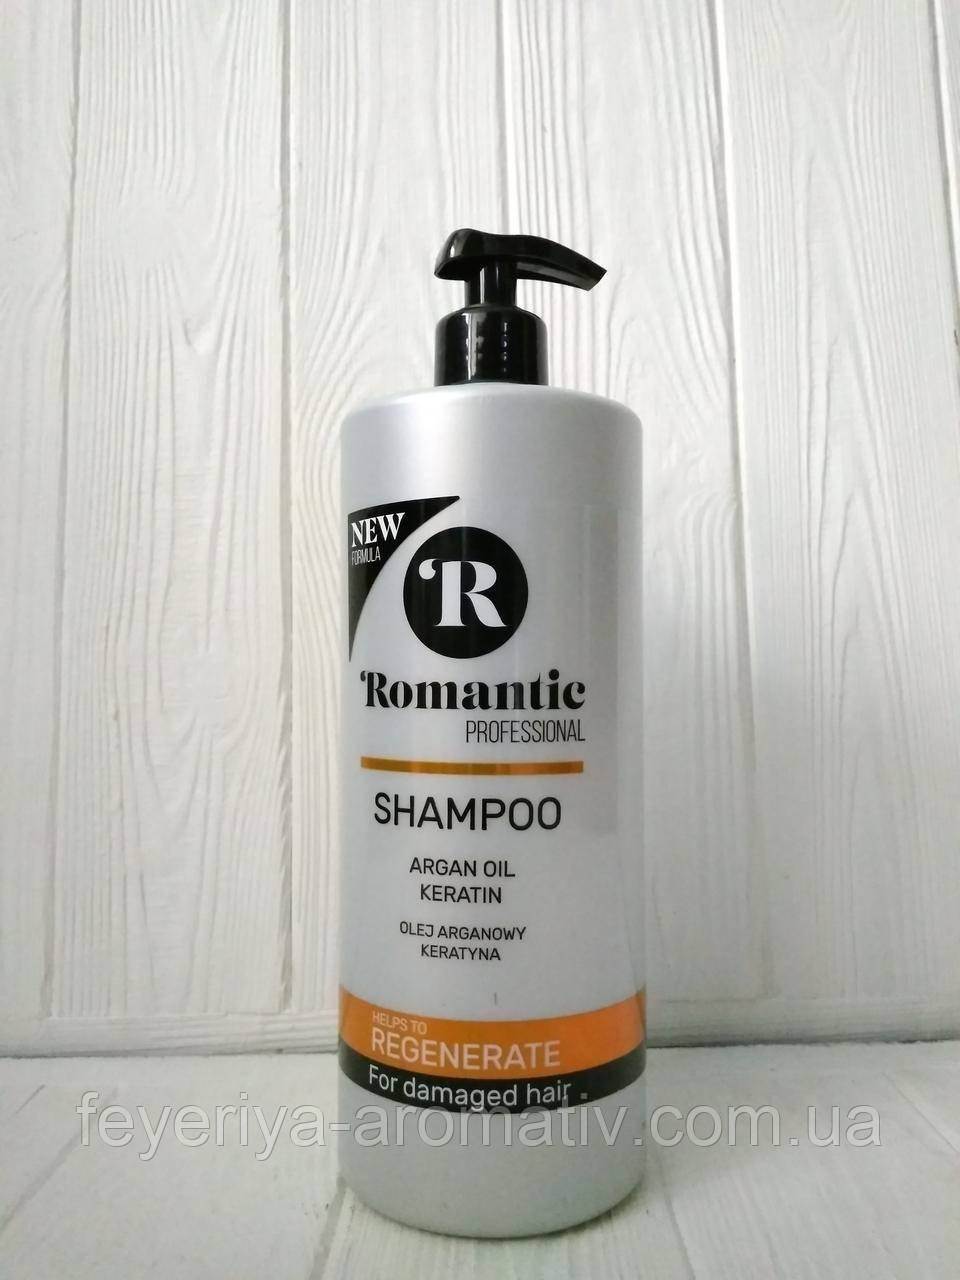 Профессиональный восстанавливающий шампунь для поврежденных волос Romantic Regenerate, 850мл (Польша)